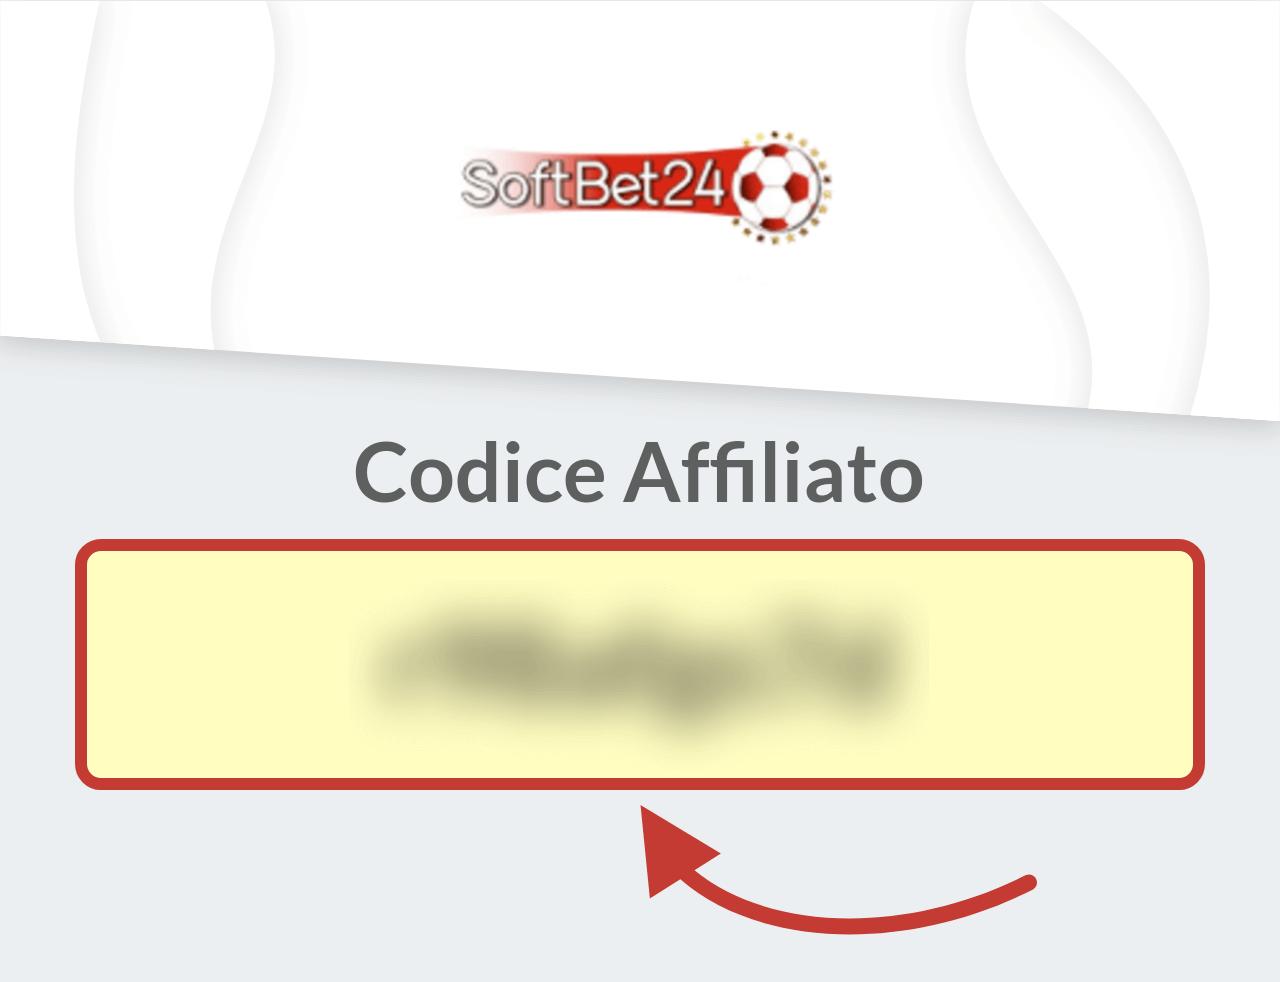 Codice Affiliato SoftBet24